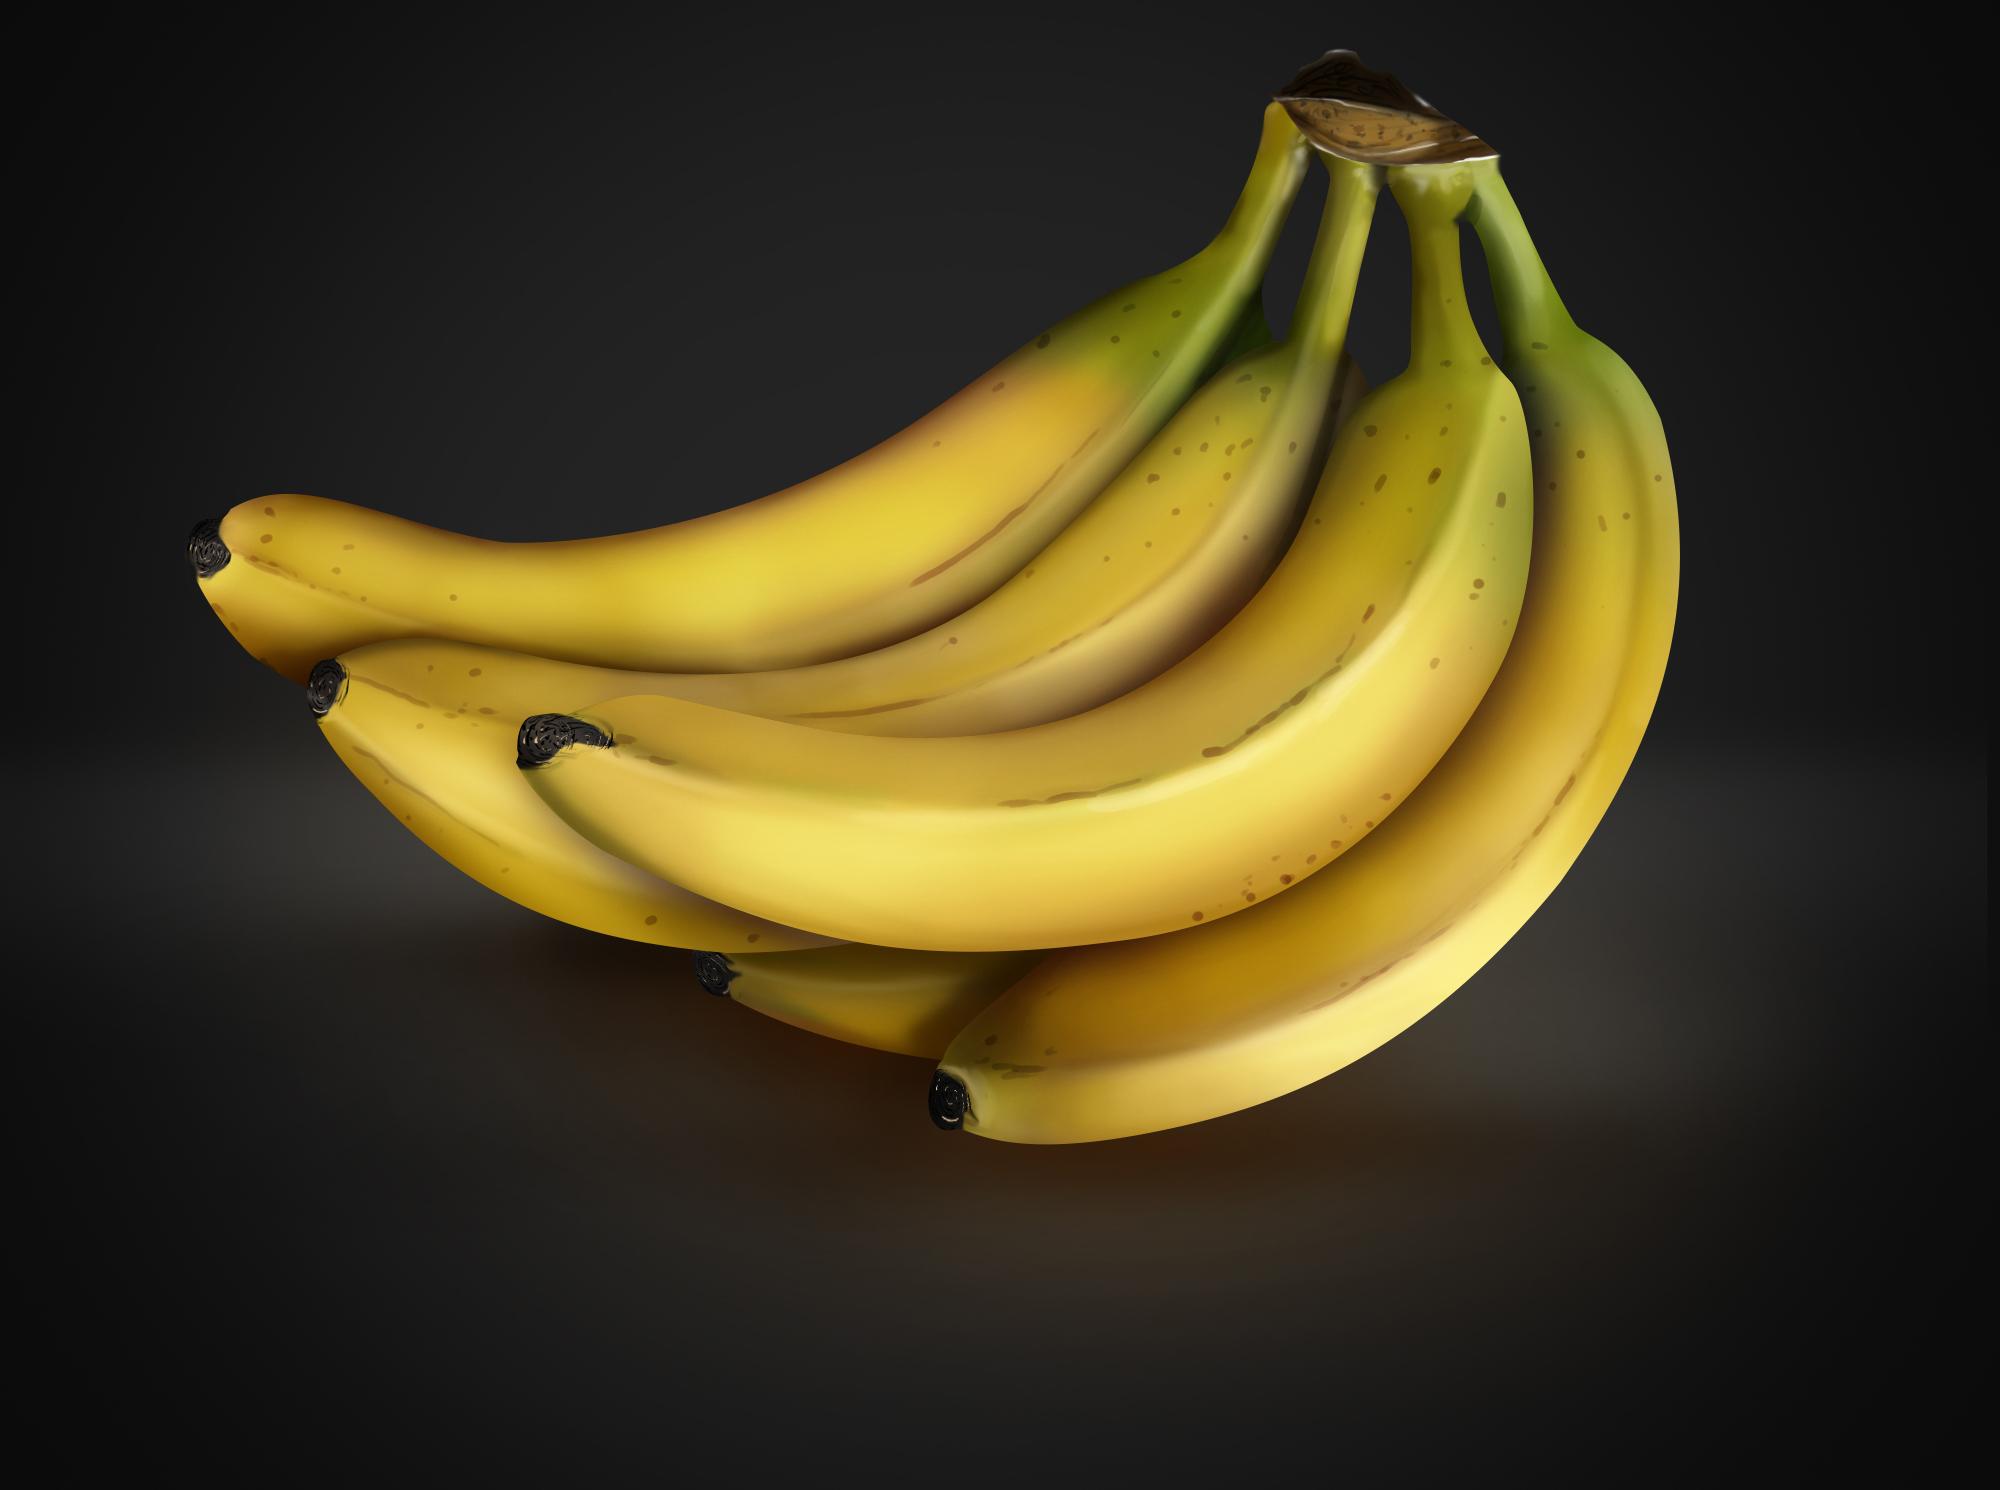 fruit material